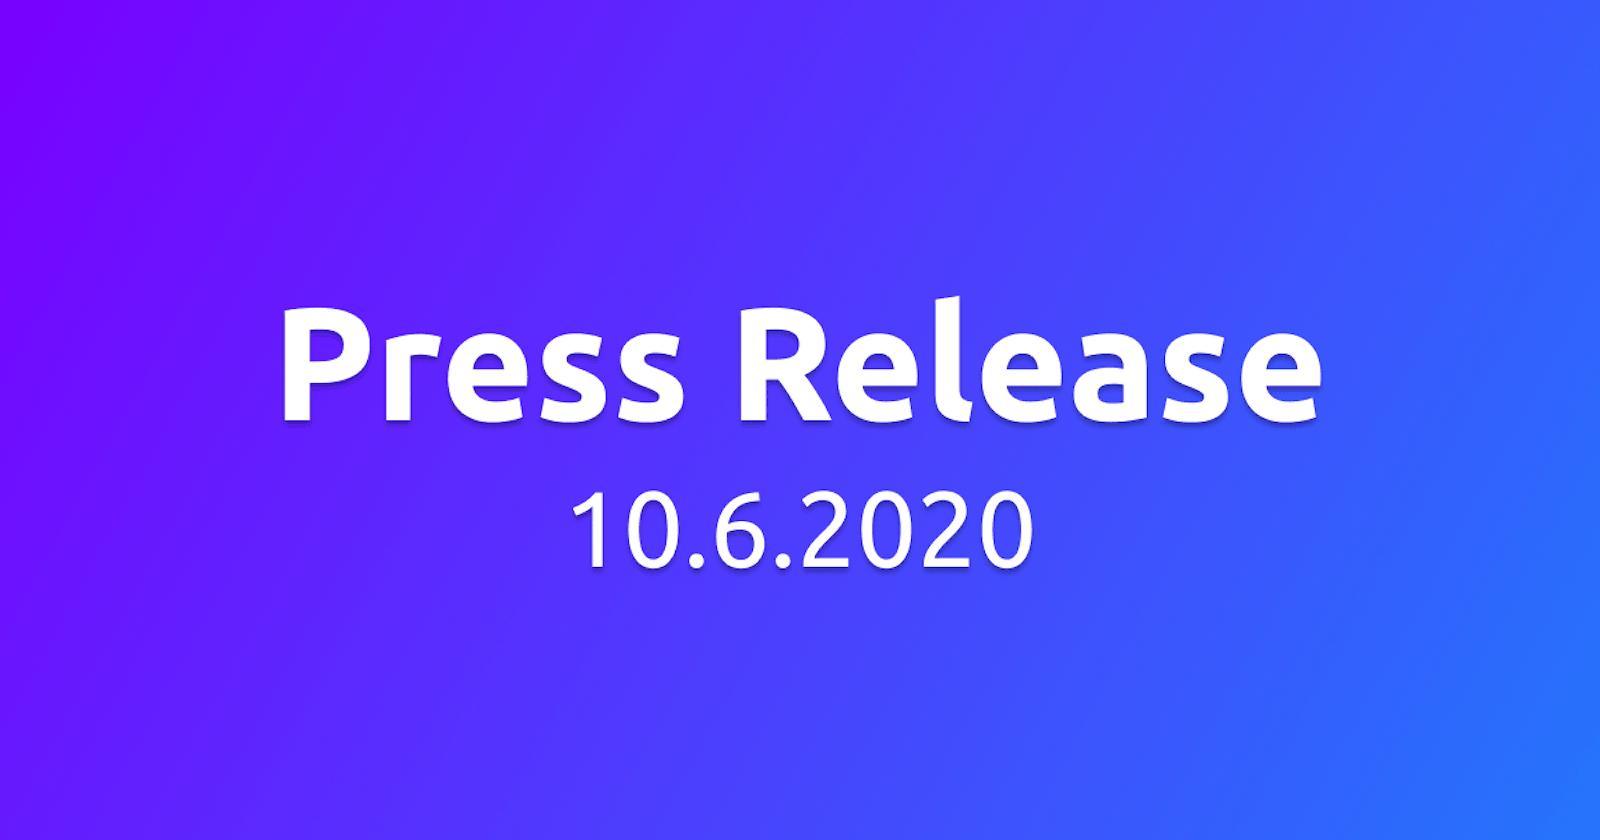 Press Release - 10.6.20